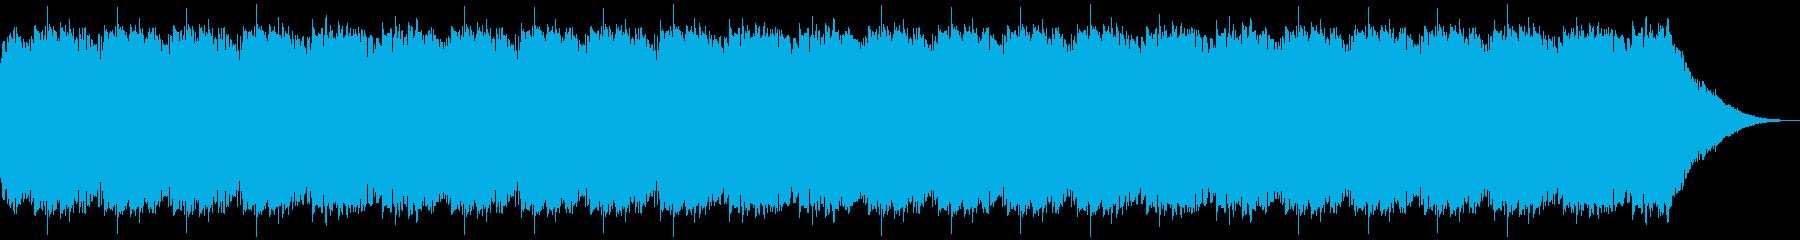 緊張感のある小曲の再生済みの波形